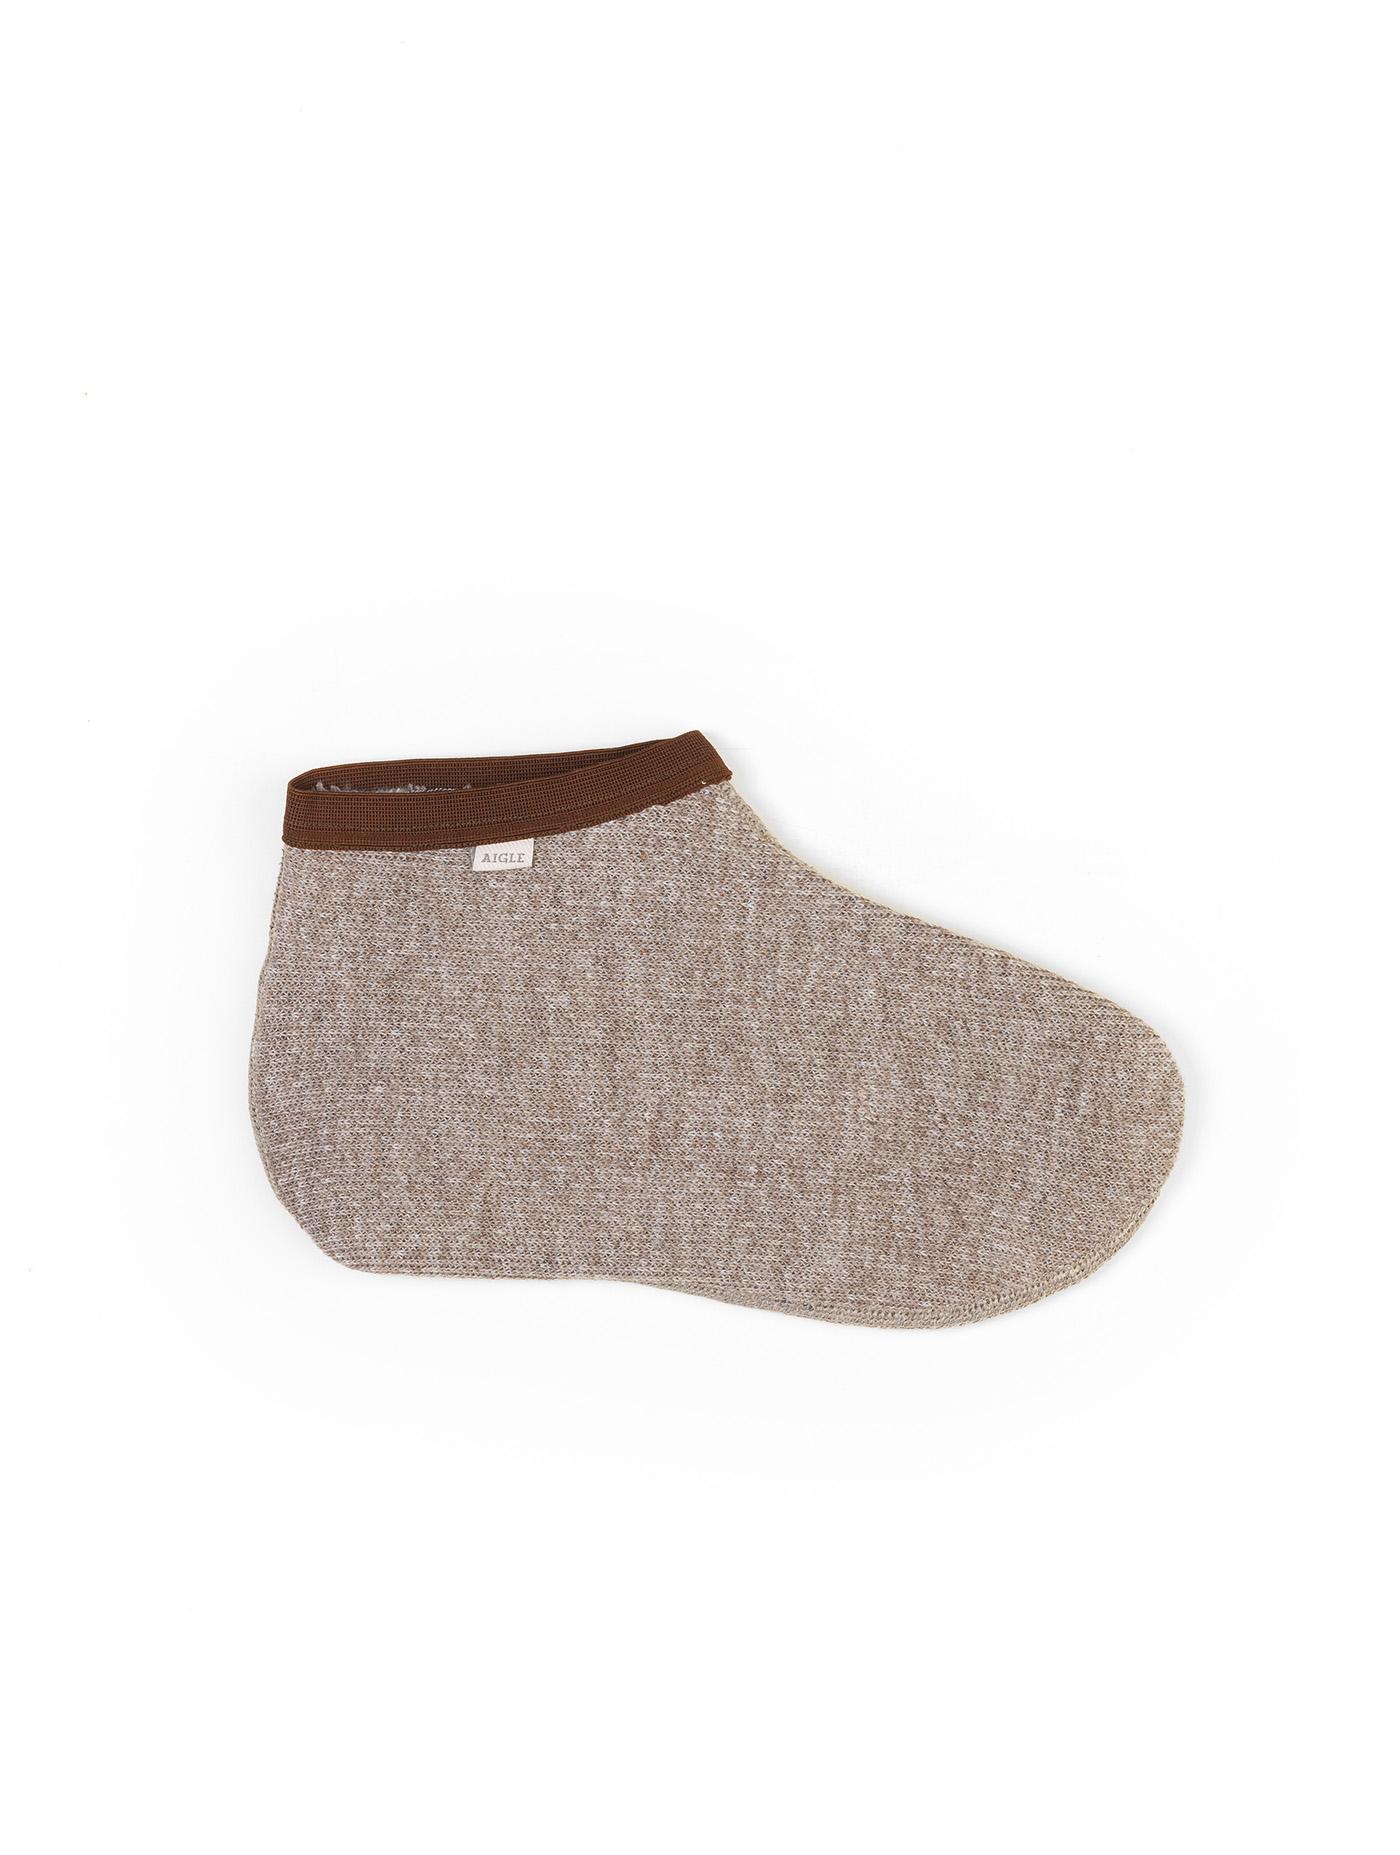 AIGLOO | Chaussons de bottes coloré homme brown | Aiglehomme